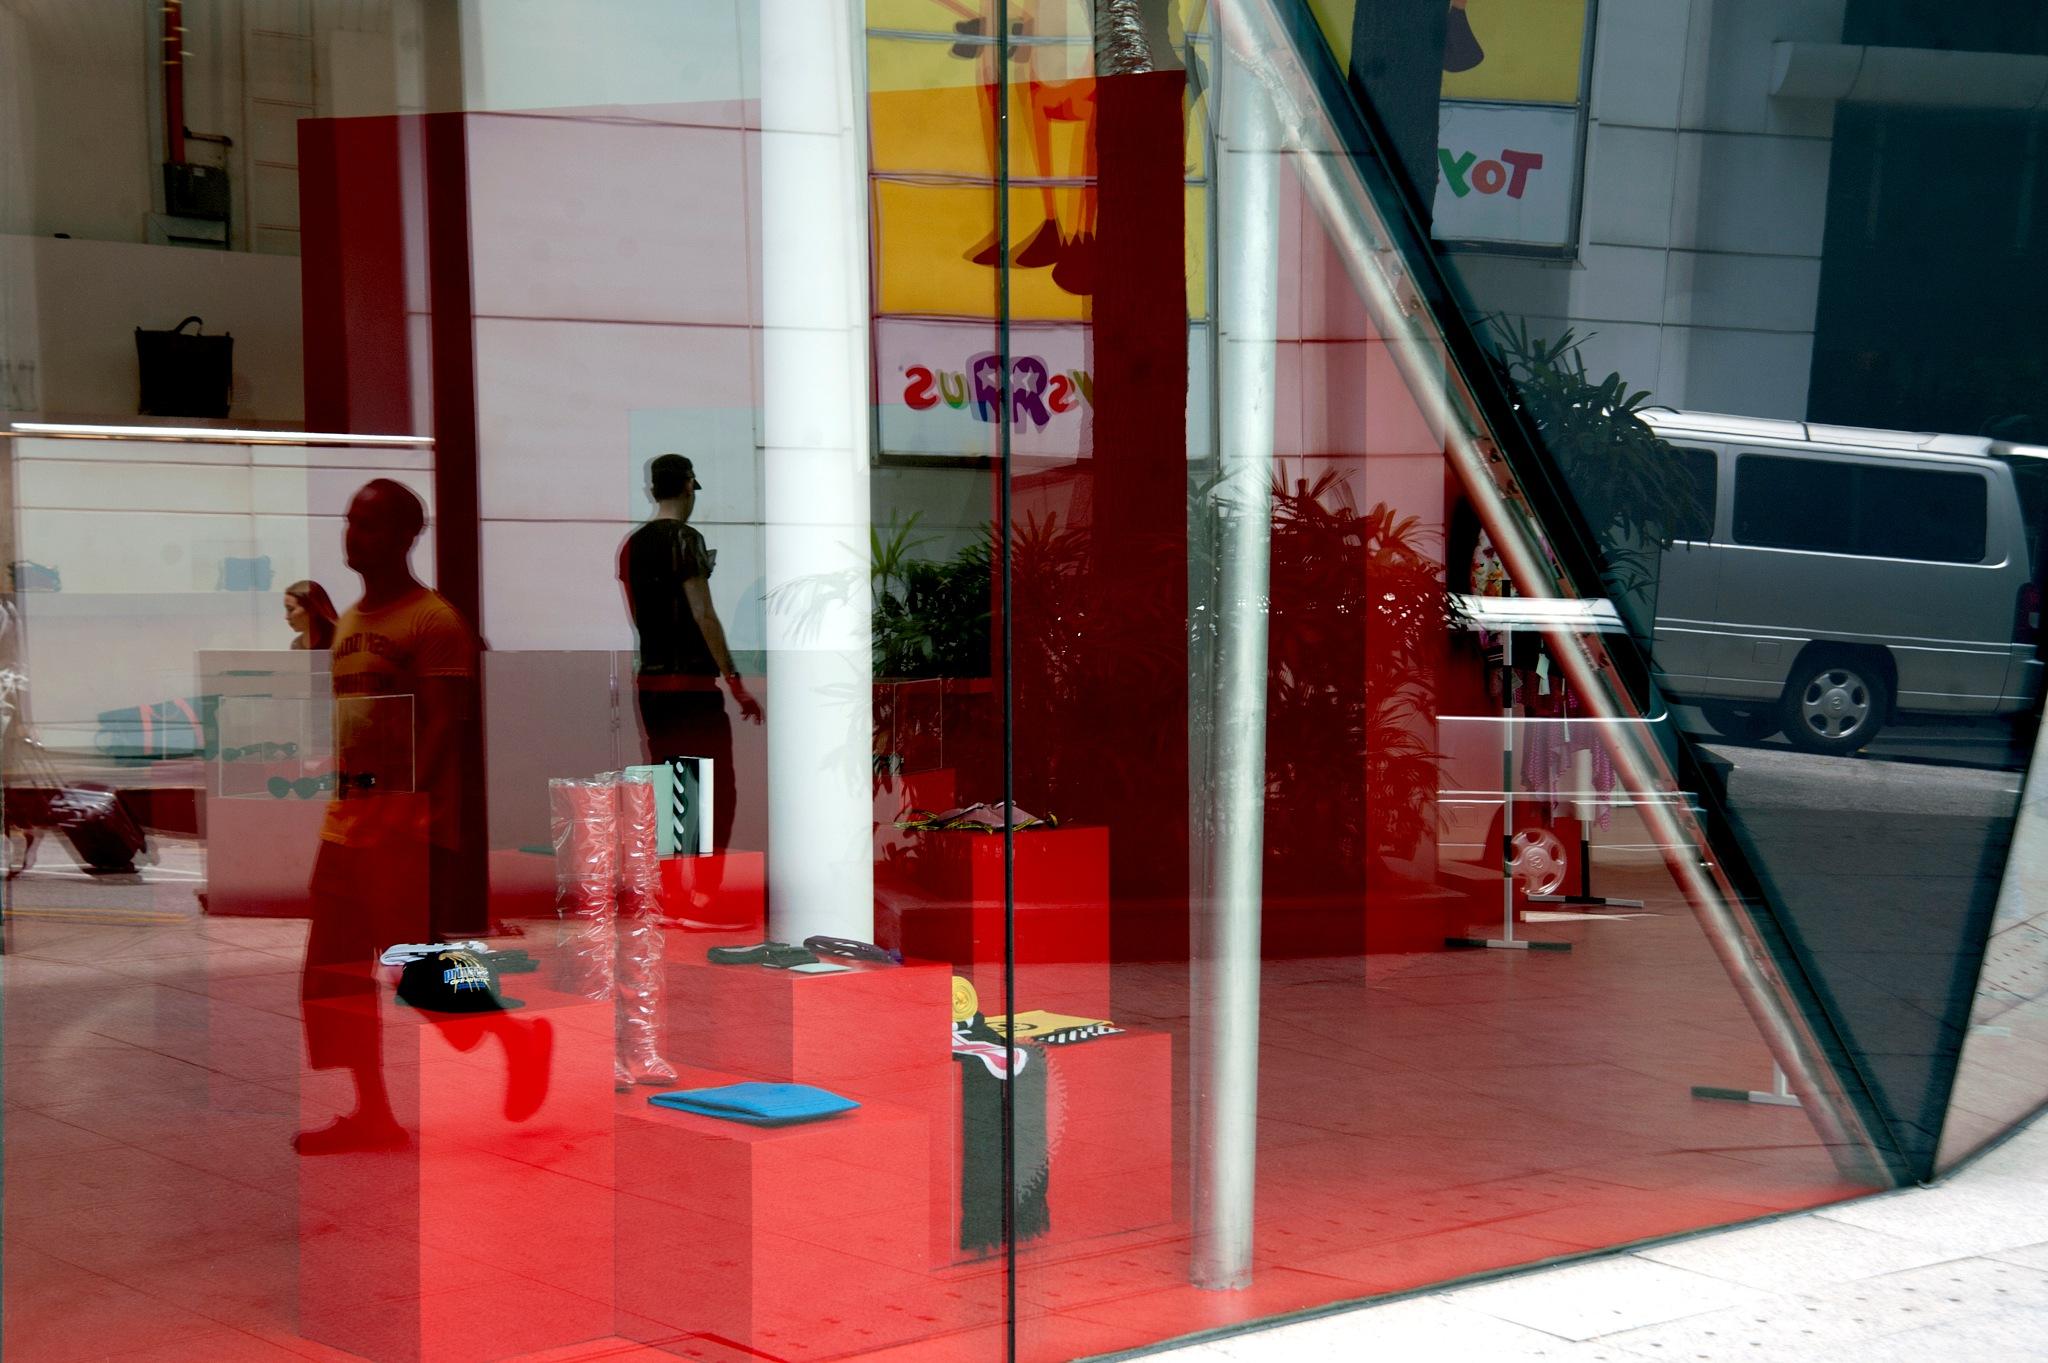 red reflection by Mustaffa Tapa Otai